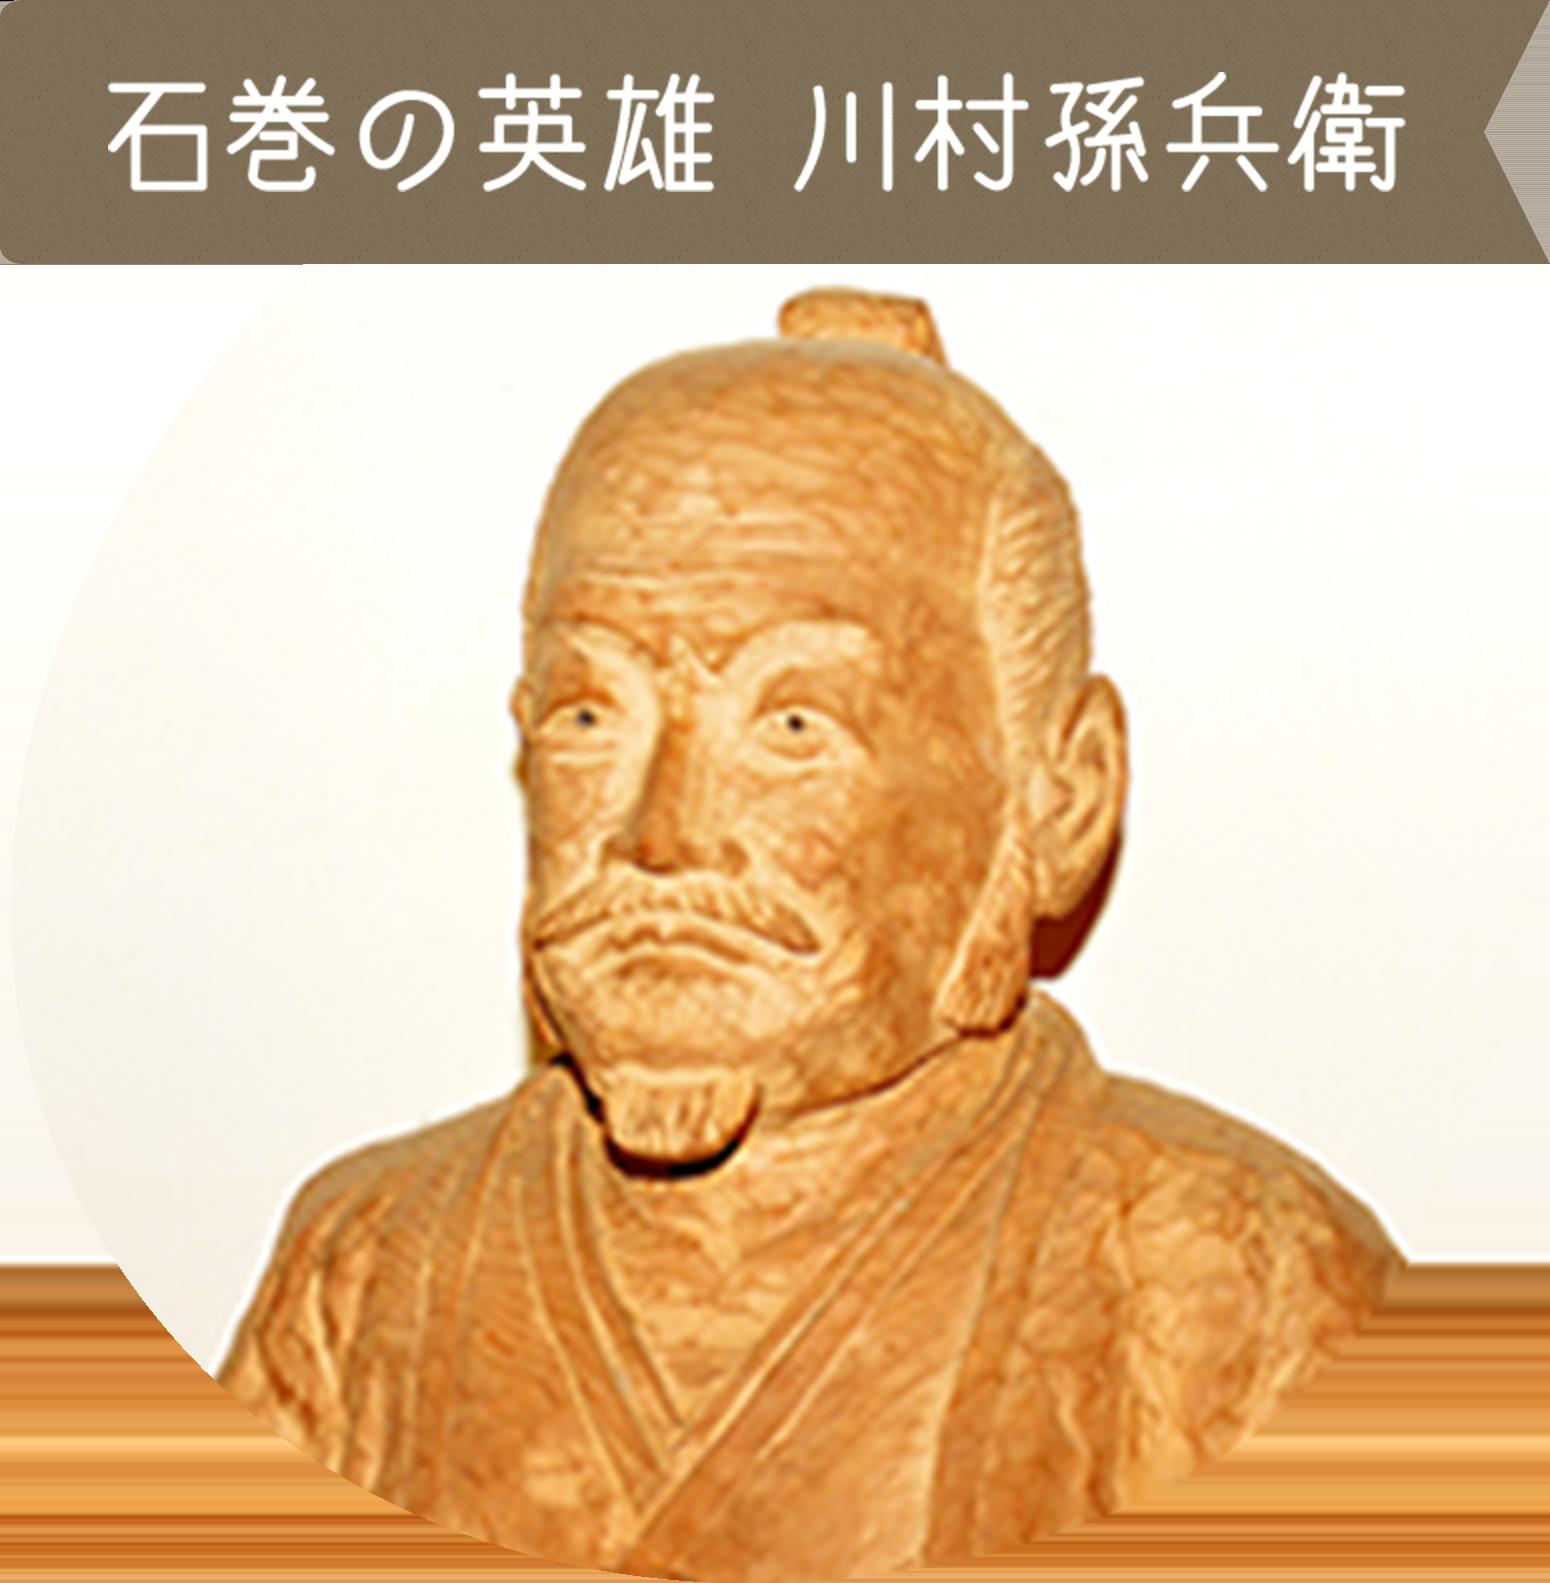 石巻の英雄 川村孫兵衞